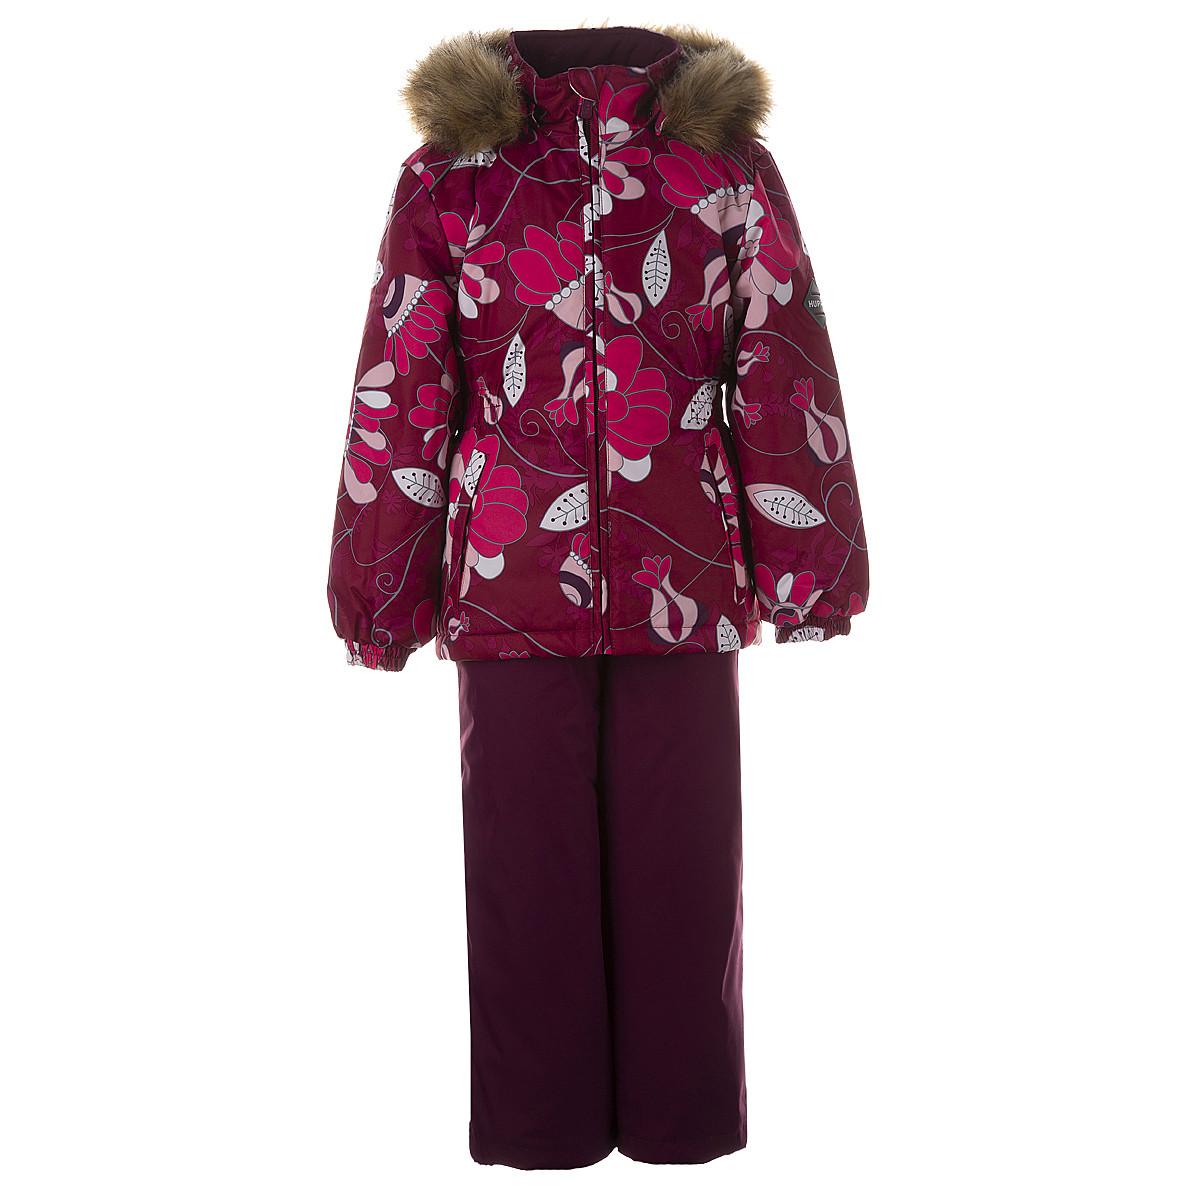 Комплект для девочек Huppa WONDER,  бордовый с принтом/бордовый